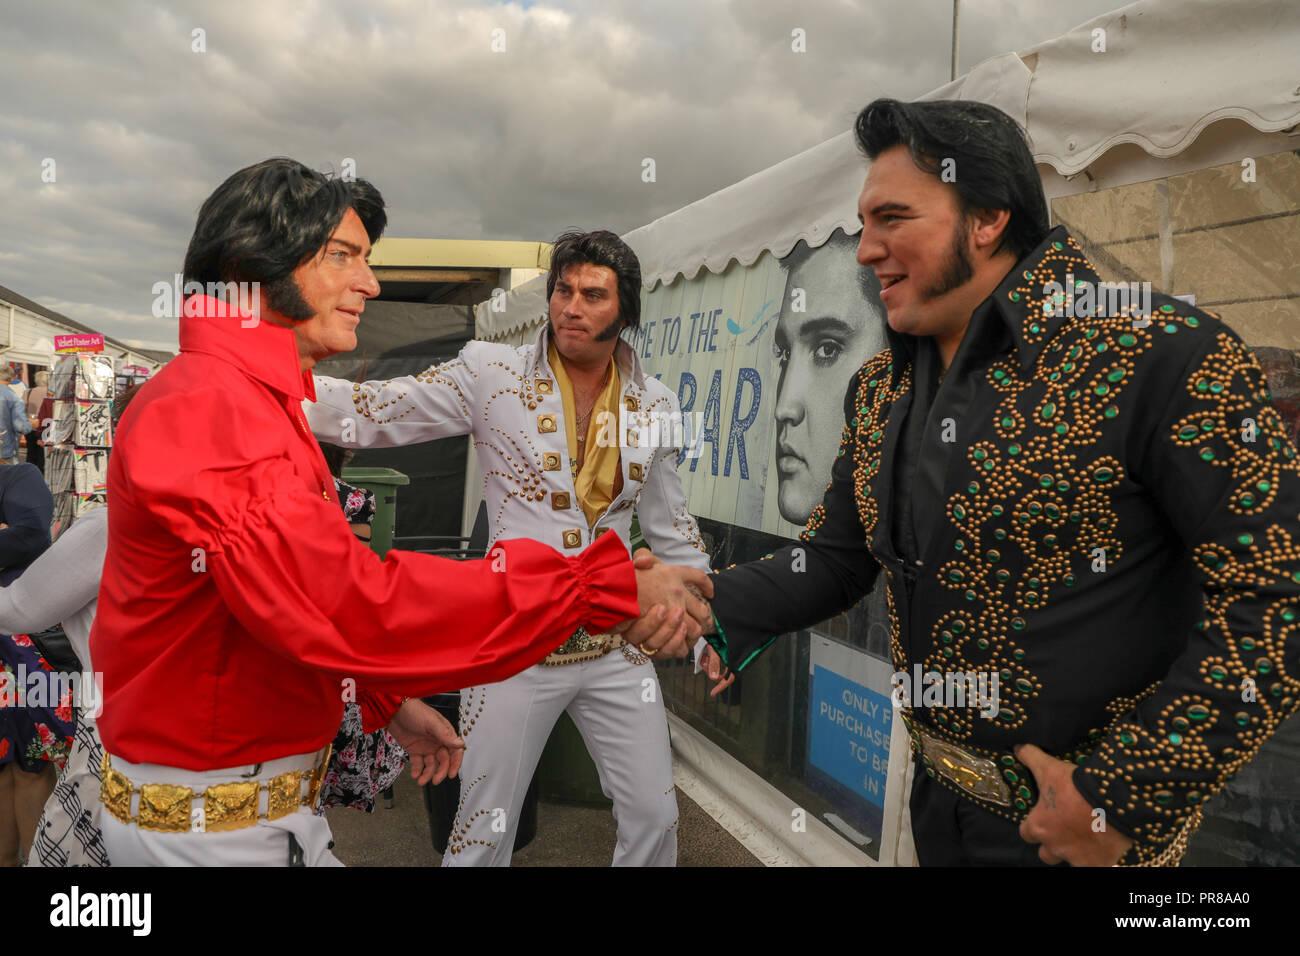 Porthcawl, Pays de Galles, Royaume-Uni. 30 septembre 2018.Les imitateurs d'Elvis, Doyen de Phoenix en blanc et Steve Knight en noir, assister à la 13e édition, le Festival Elvis Porthcawl Elvies. Credit: Haydn Denman/Alamy Live News Photo Stock